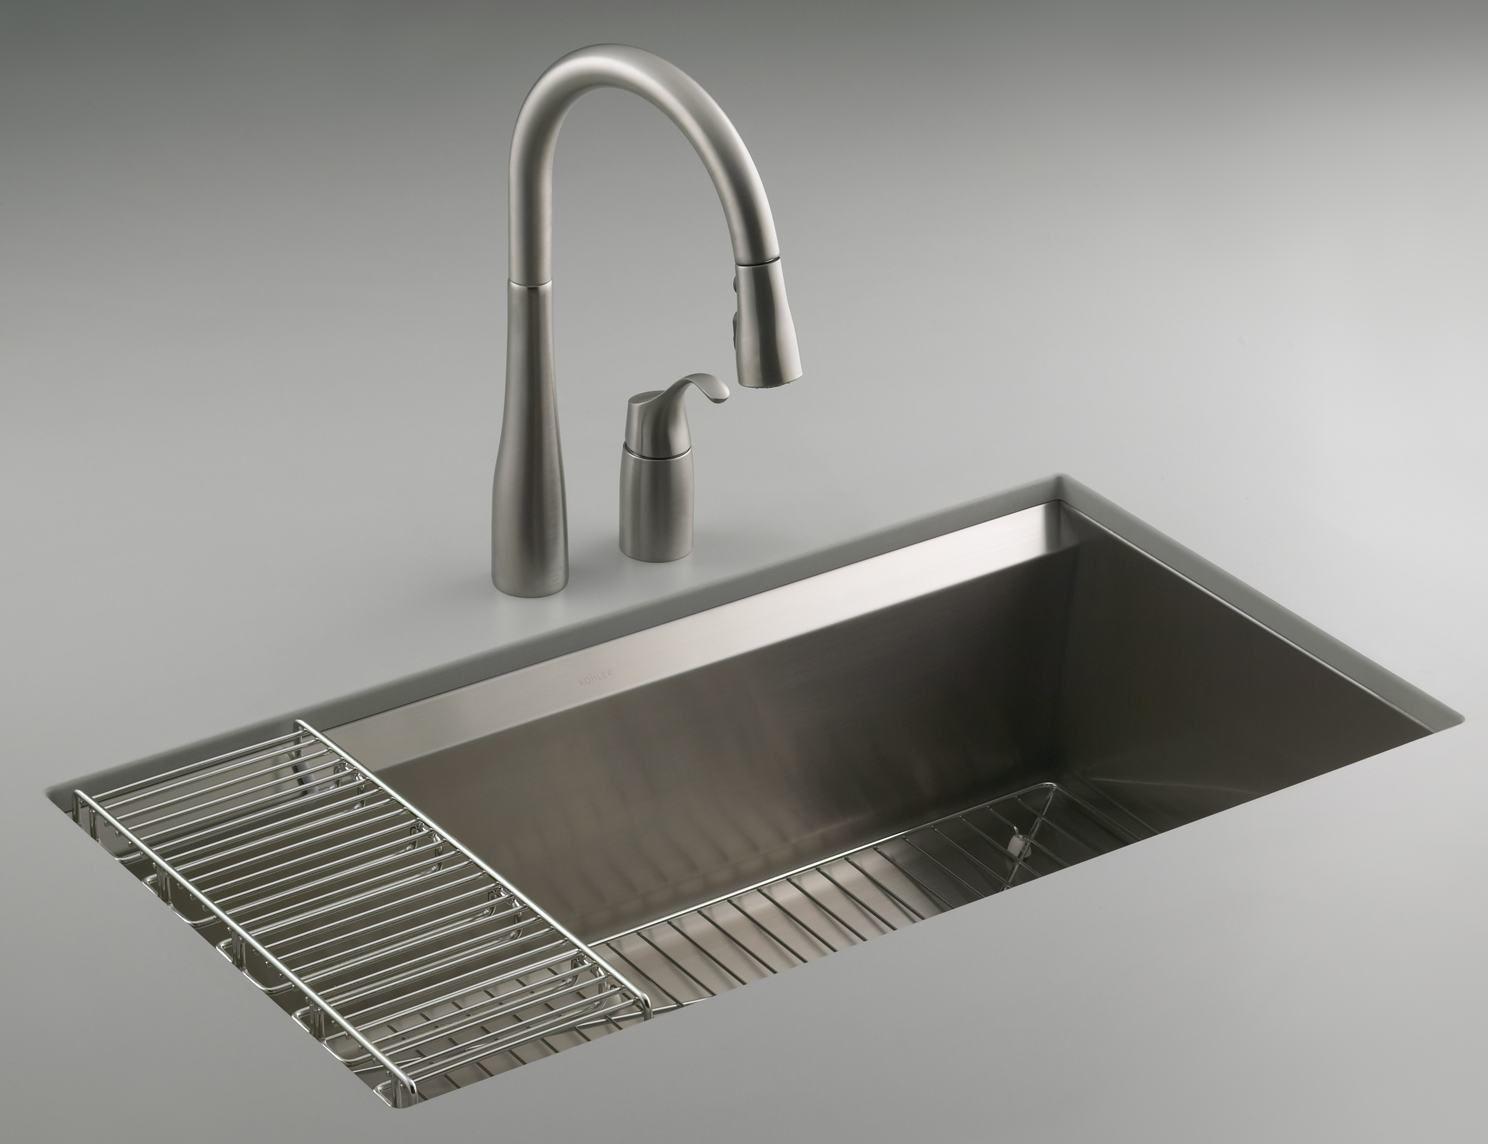 Kohler Kitchen Sinks And Amazing Shape House